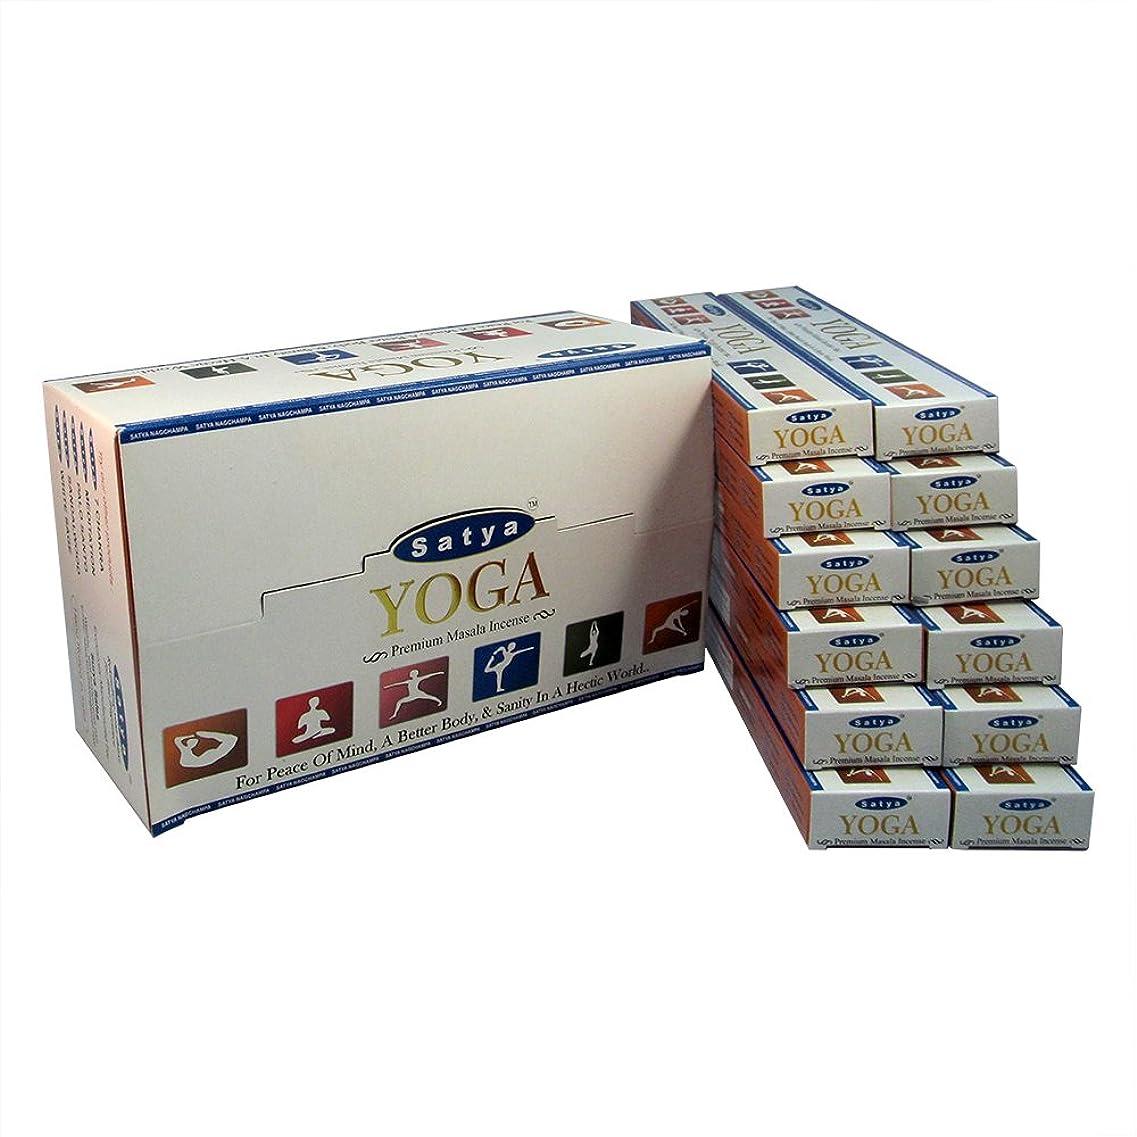 アマチュアこれまで登録するSatya プレミアム ヨガ お香スティック アガーバッティ 180グラム ボックス 各15グラム 1箱12パック プレミアム品質